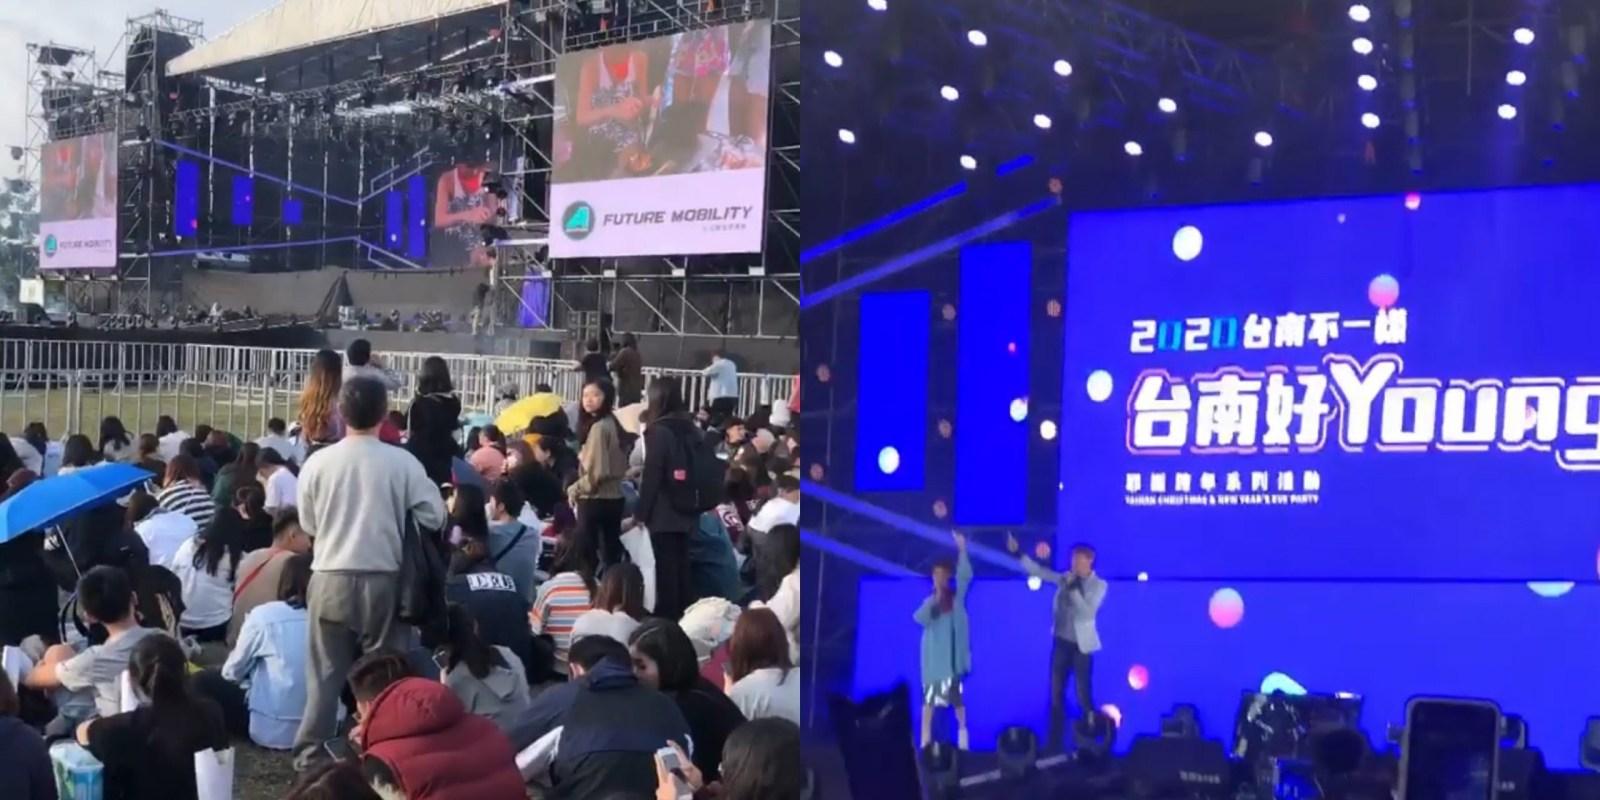 台南2021好Young耶誕跨年 首波卡司陣容公布!有田馥甄、周興哲 共7場活動場次內容 也有12/31跨年演唱會